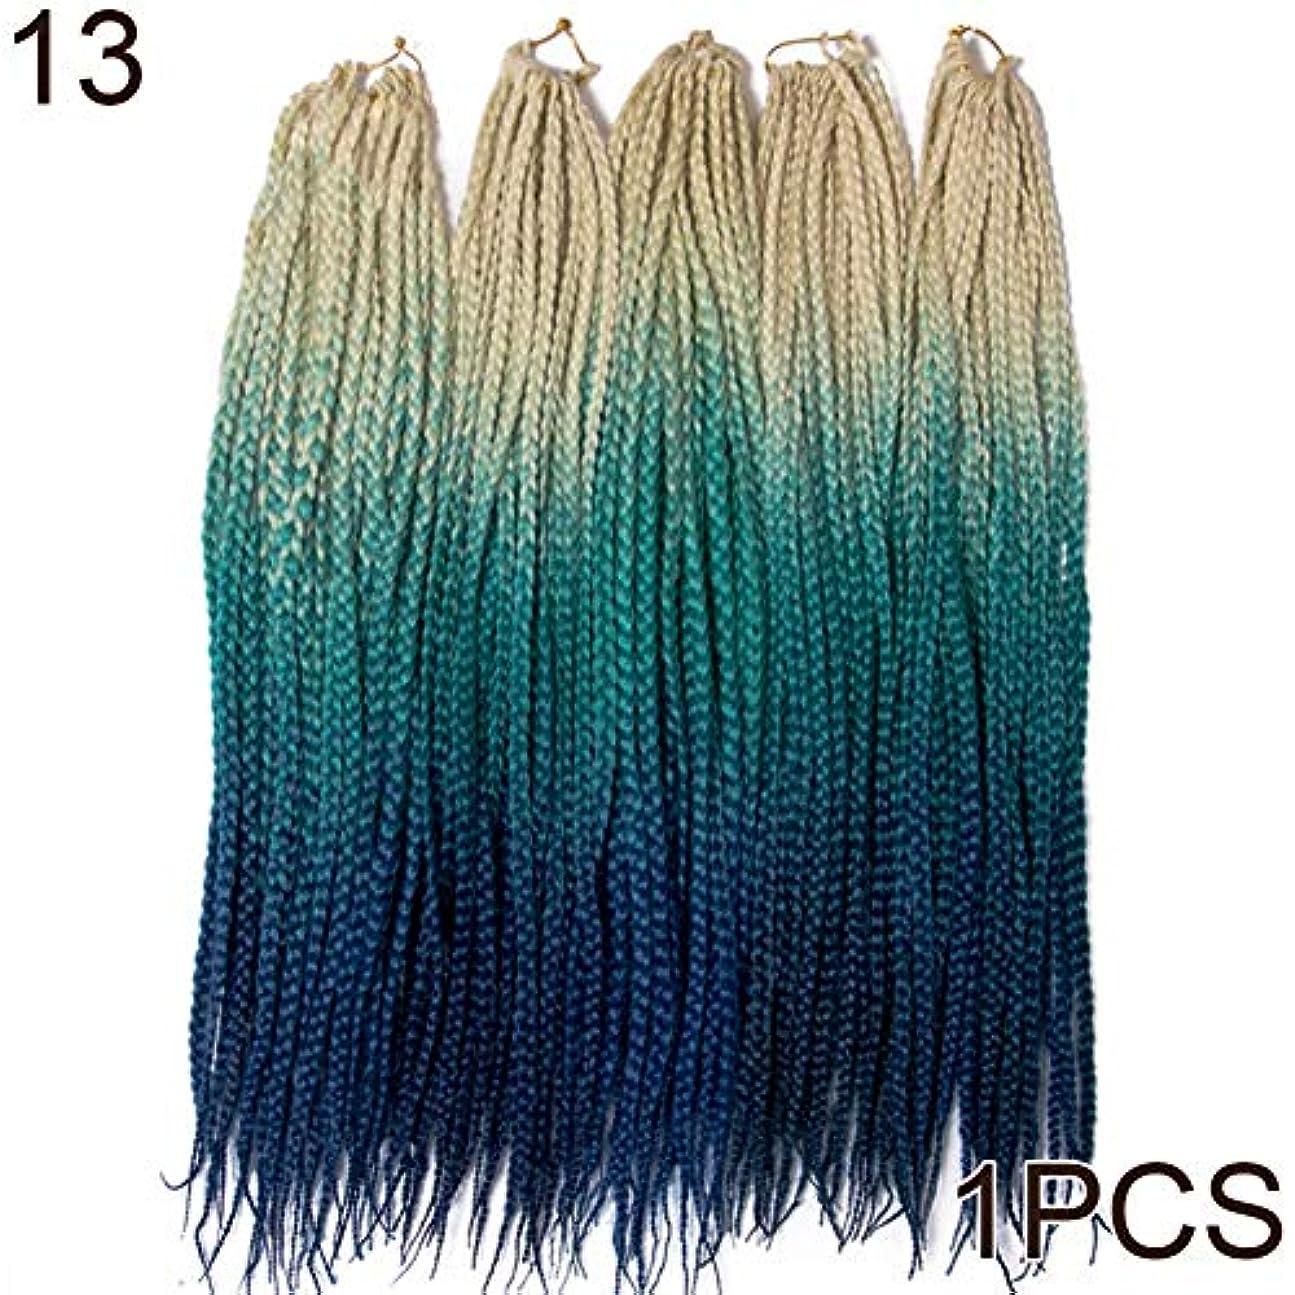 slQinjiansav女性ウィッグ修理ツール60cm長いソフトかぎ針編みツイスト編み合成ヘアエクステンションカラーブロックウィッグ